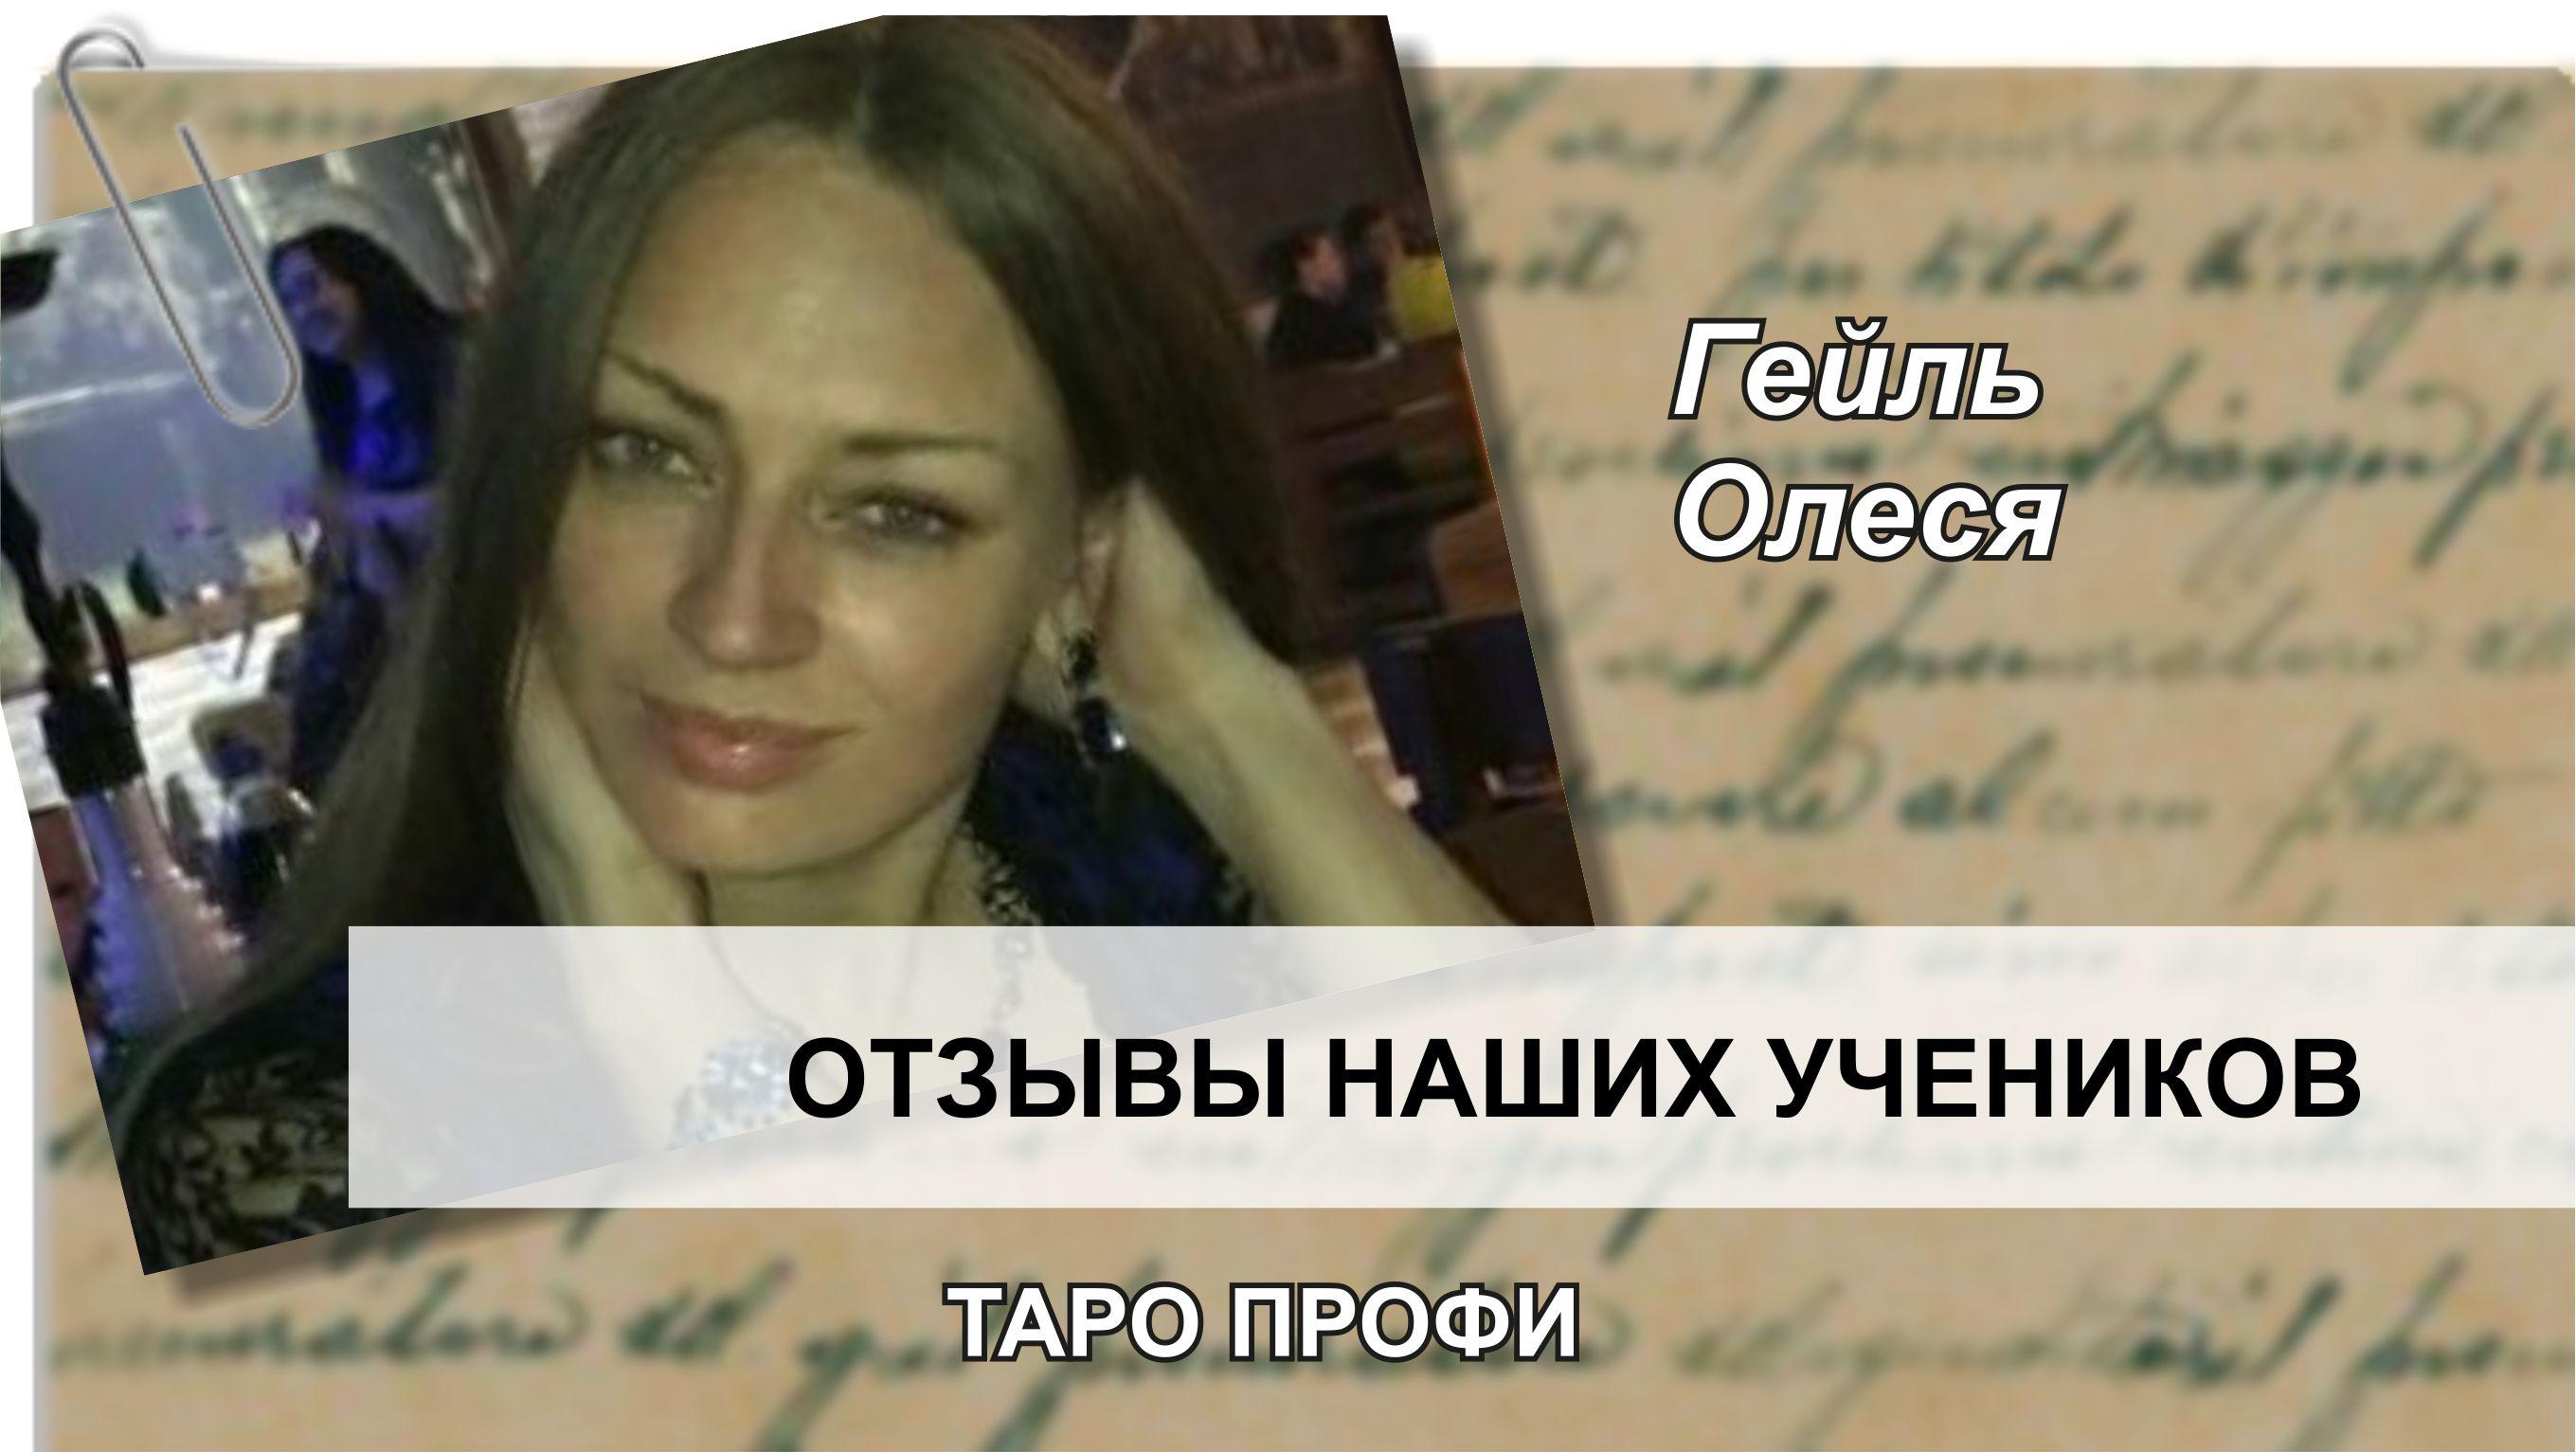 Гейль Олеся отзыв Таро Профи